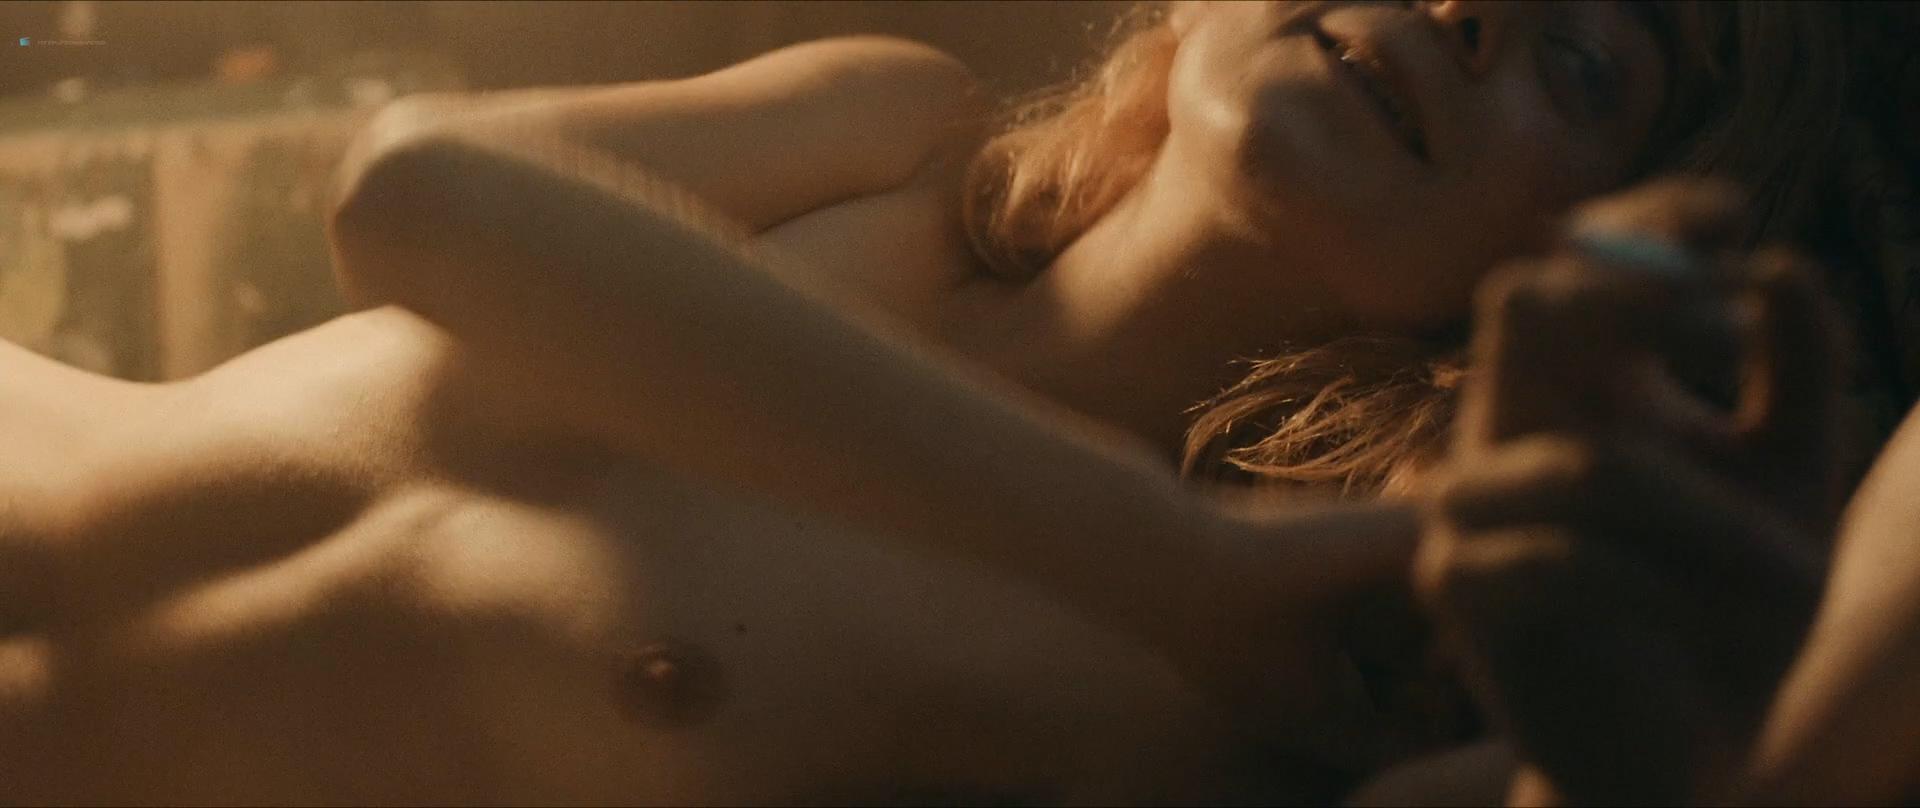 Victoria carmen sonne nude